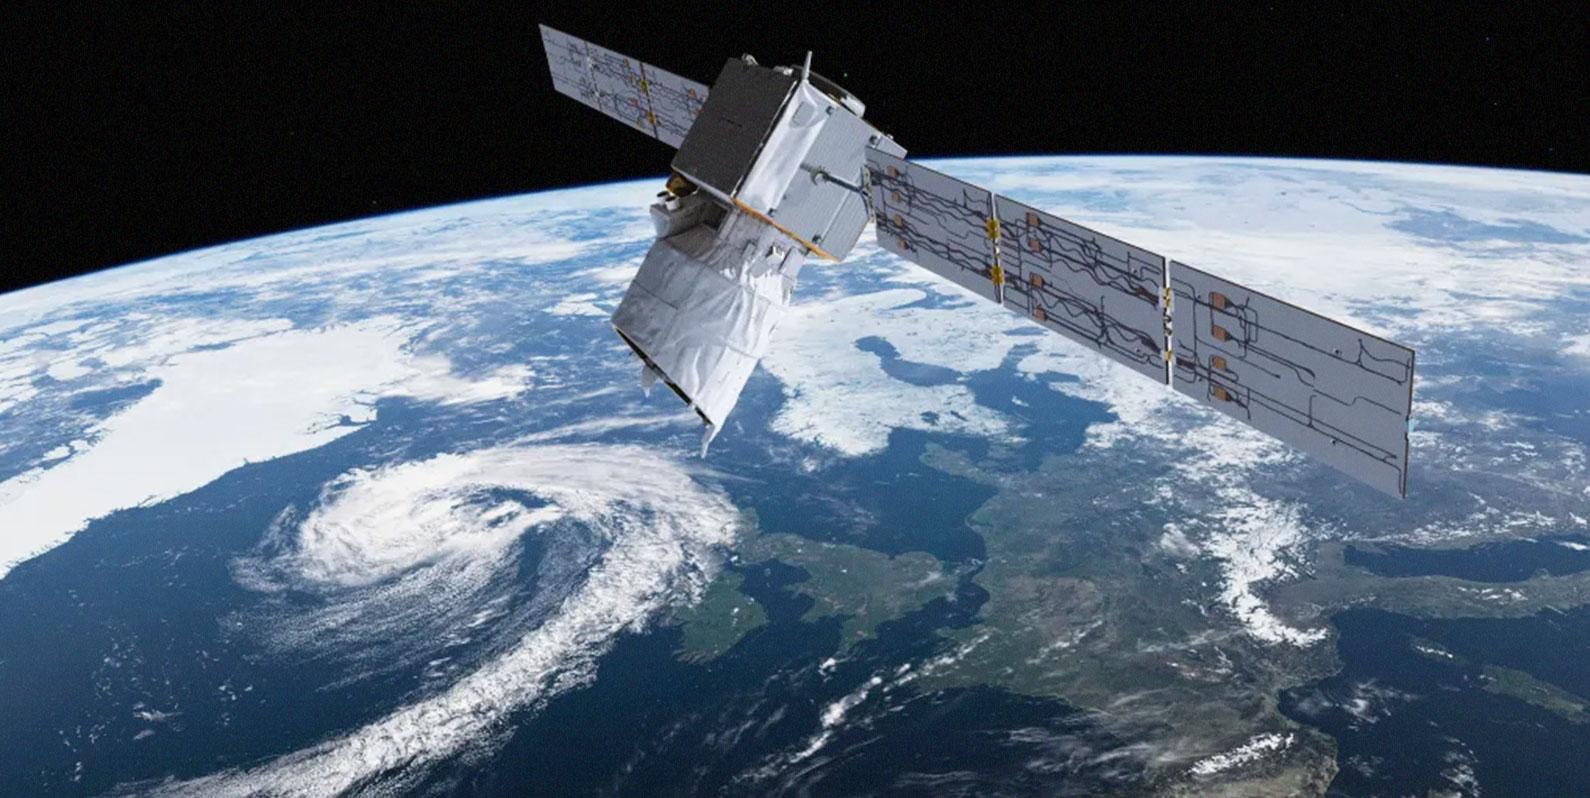 Para resolver os problemas do tráfego espacial, olhe para o alto mar